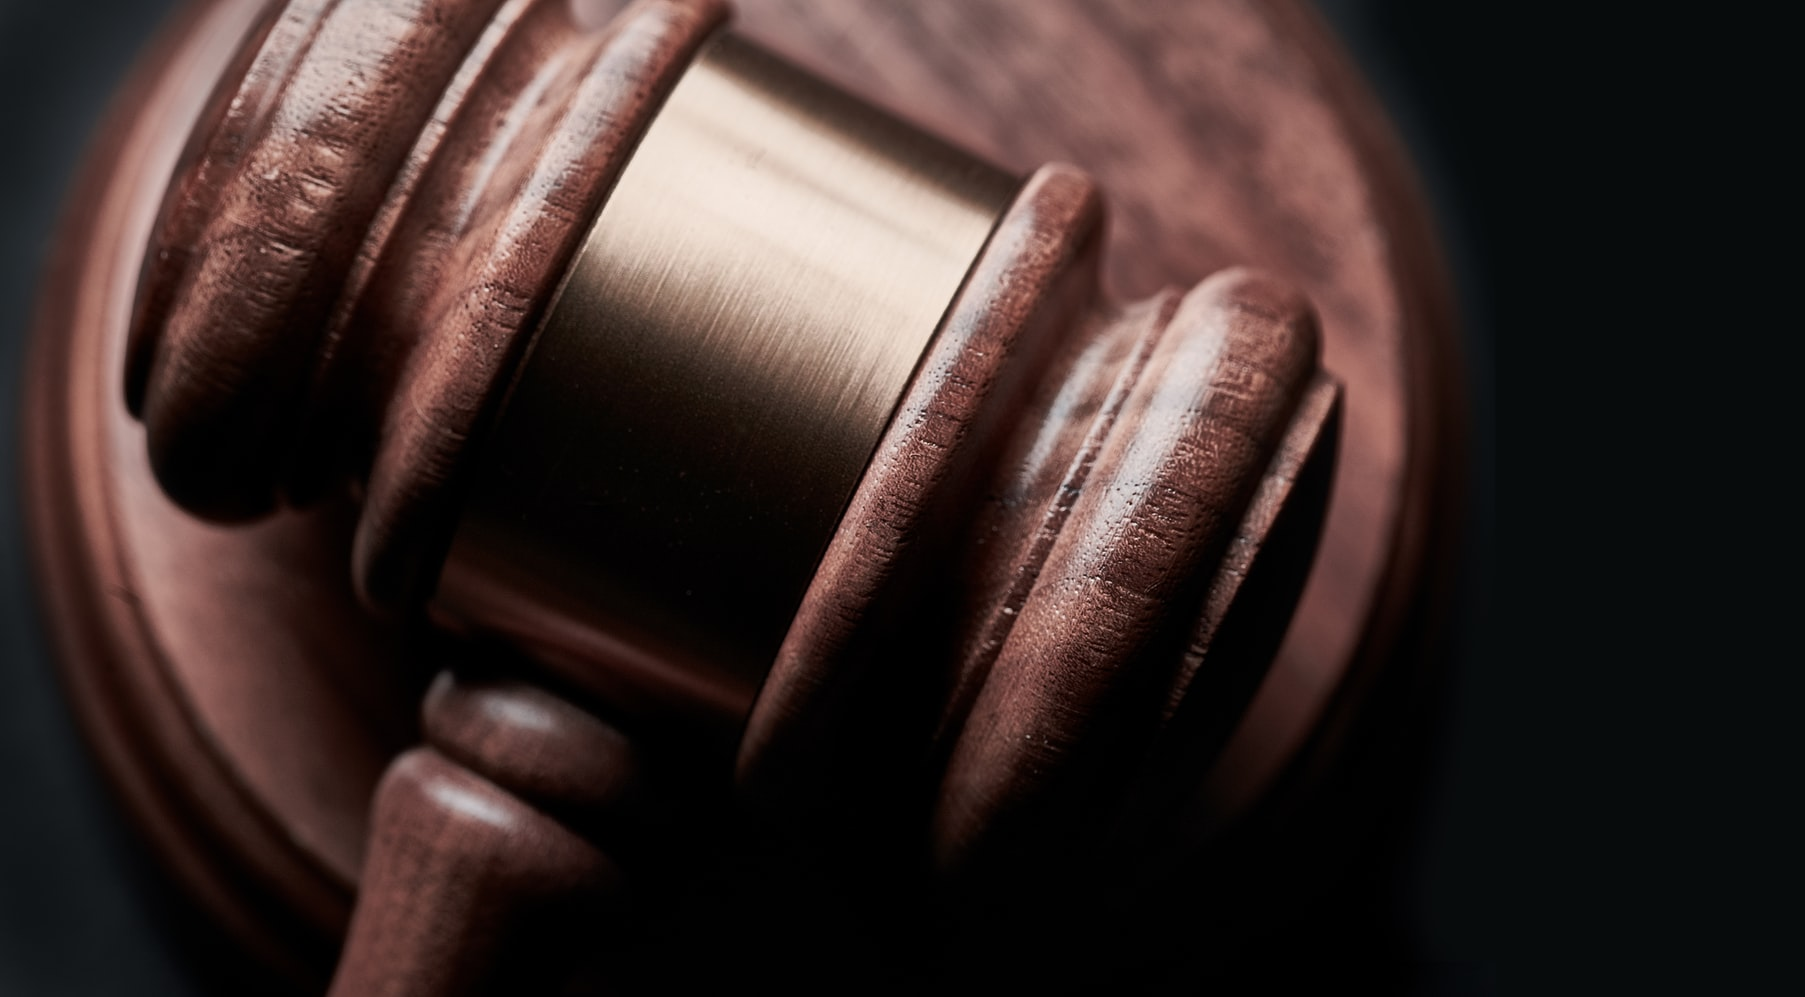 أهم التعبيرات القانونية للمبتدئين بالإنجليزية | The most important legal expressions for beginners in English